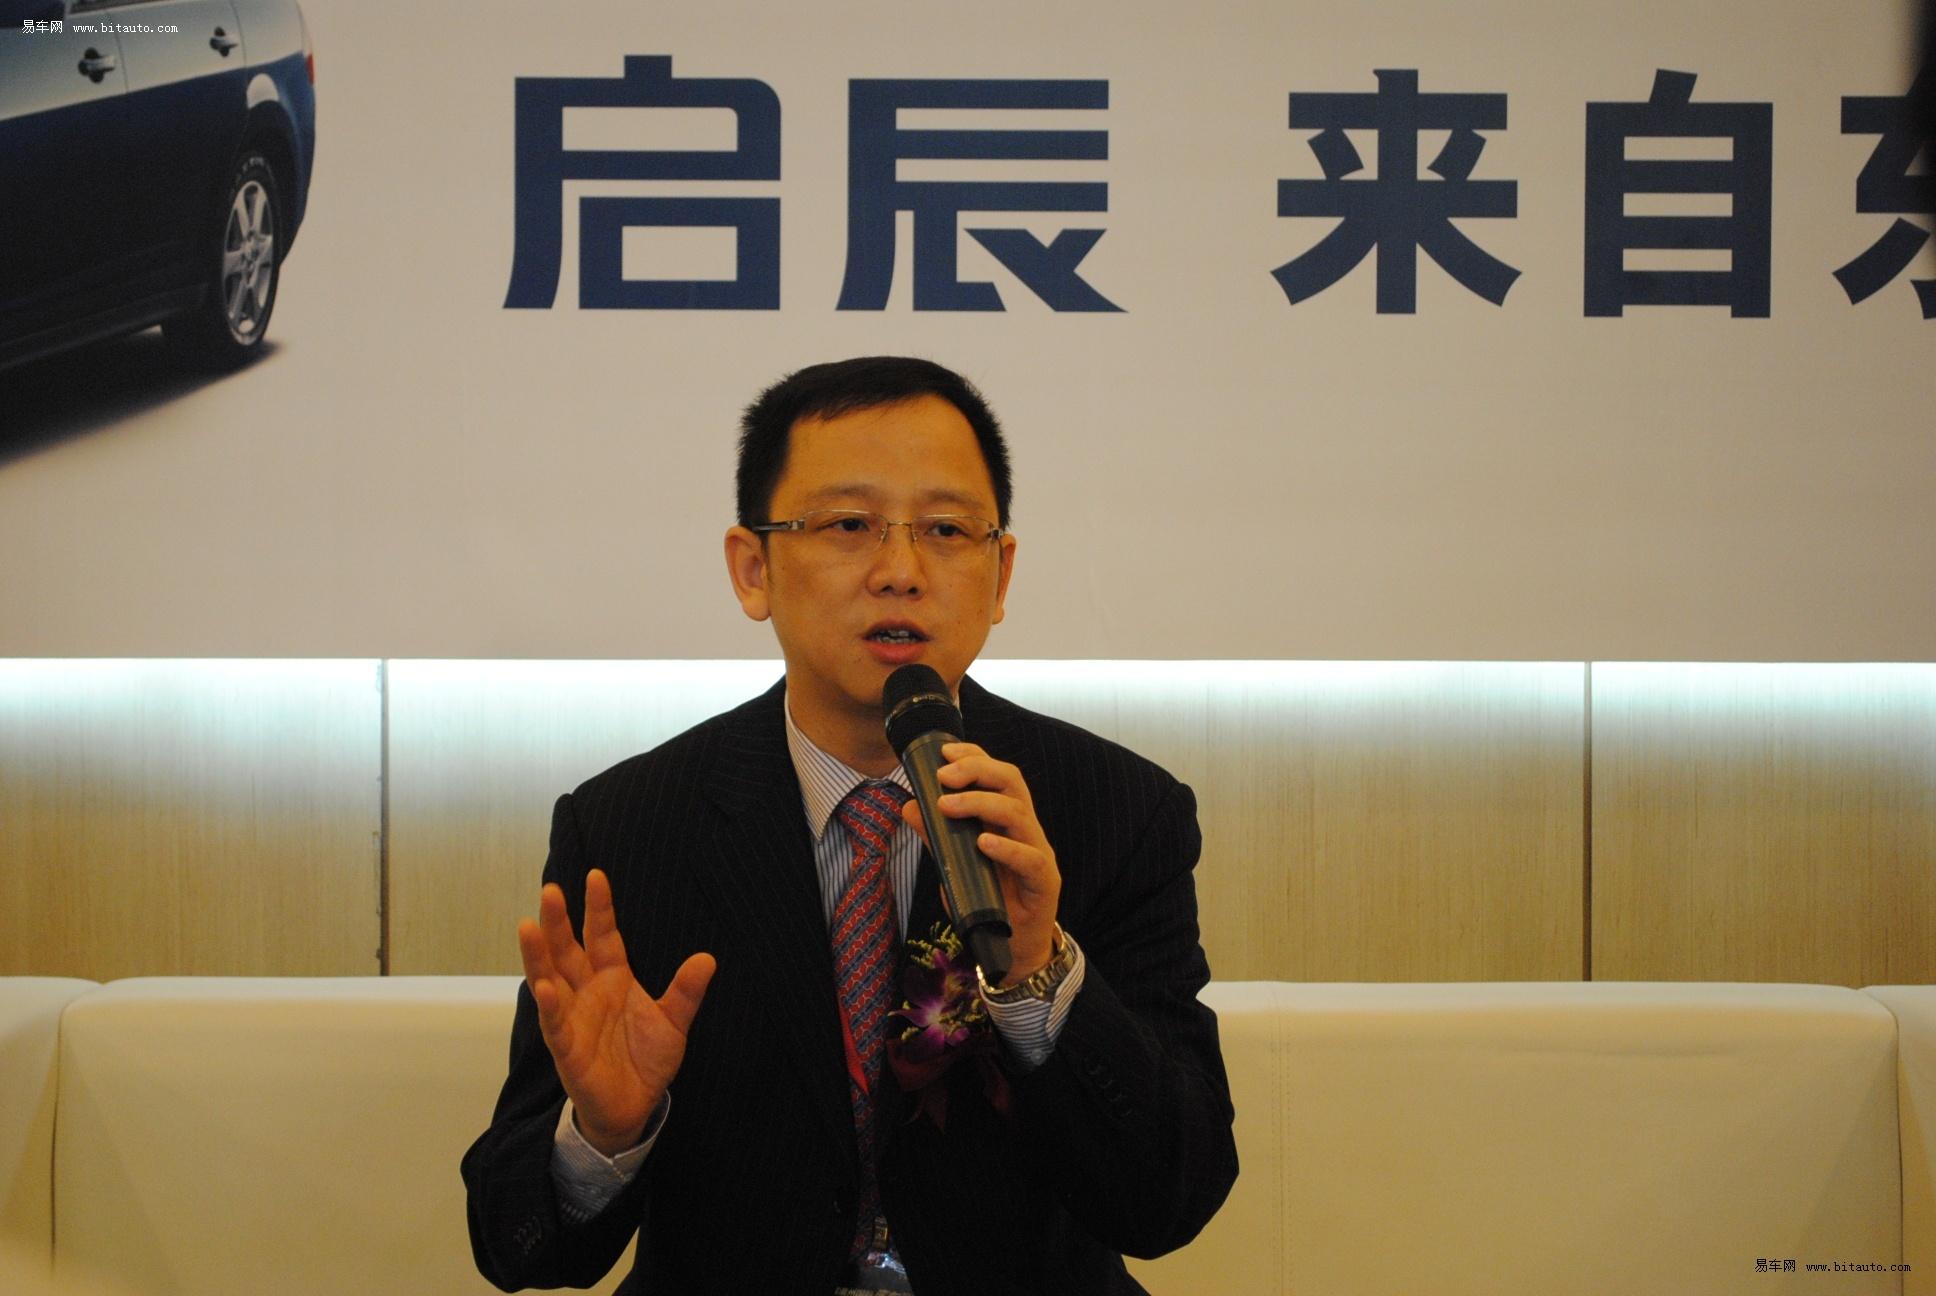 专访东风日产市场部副部长颜宏斌先生